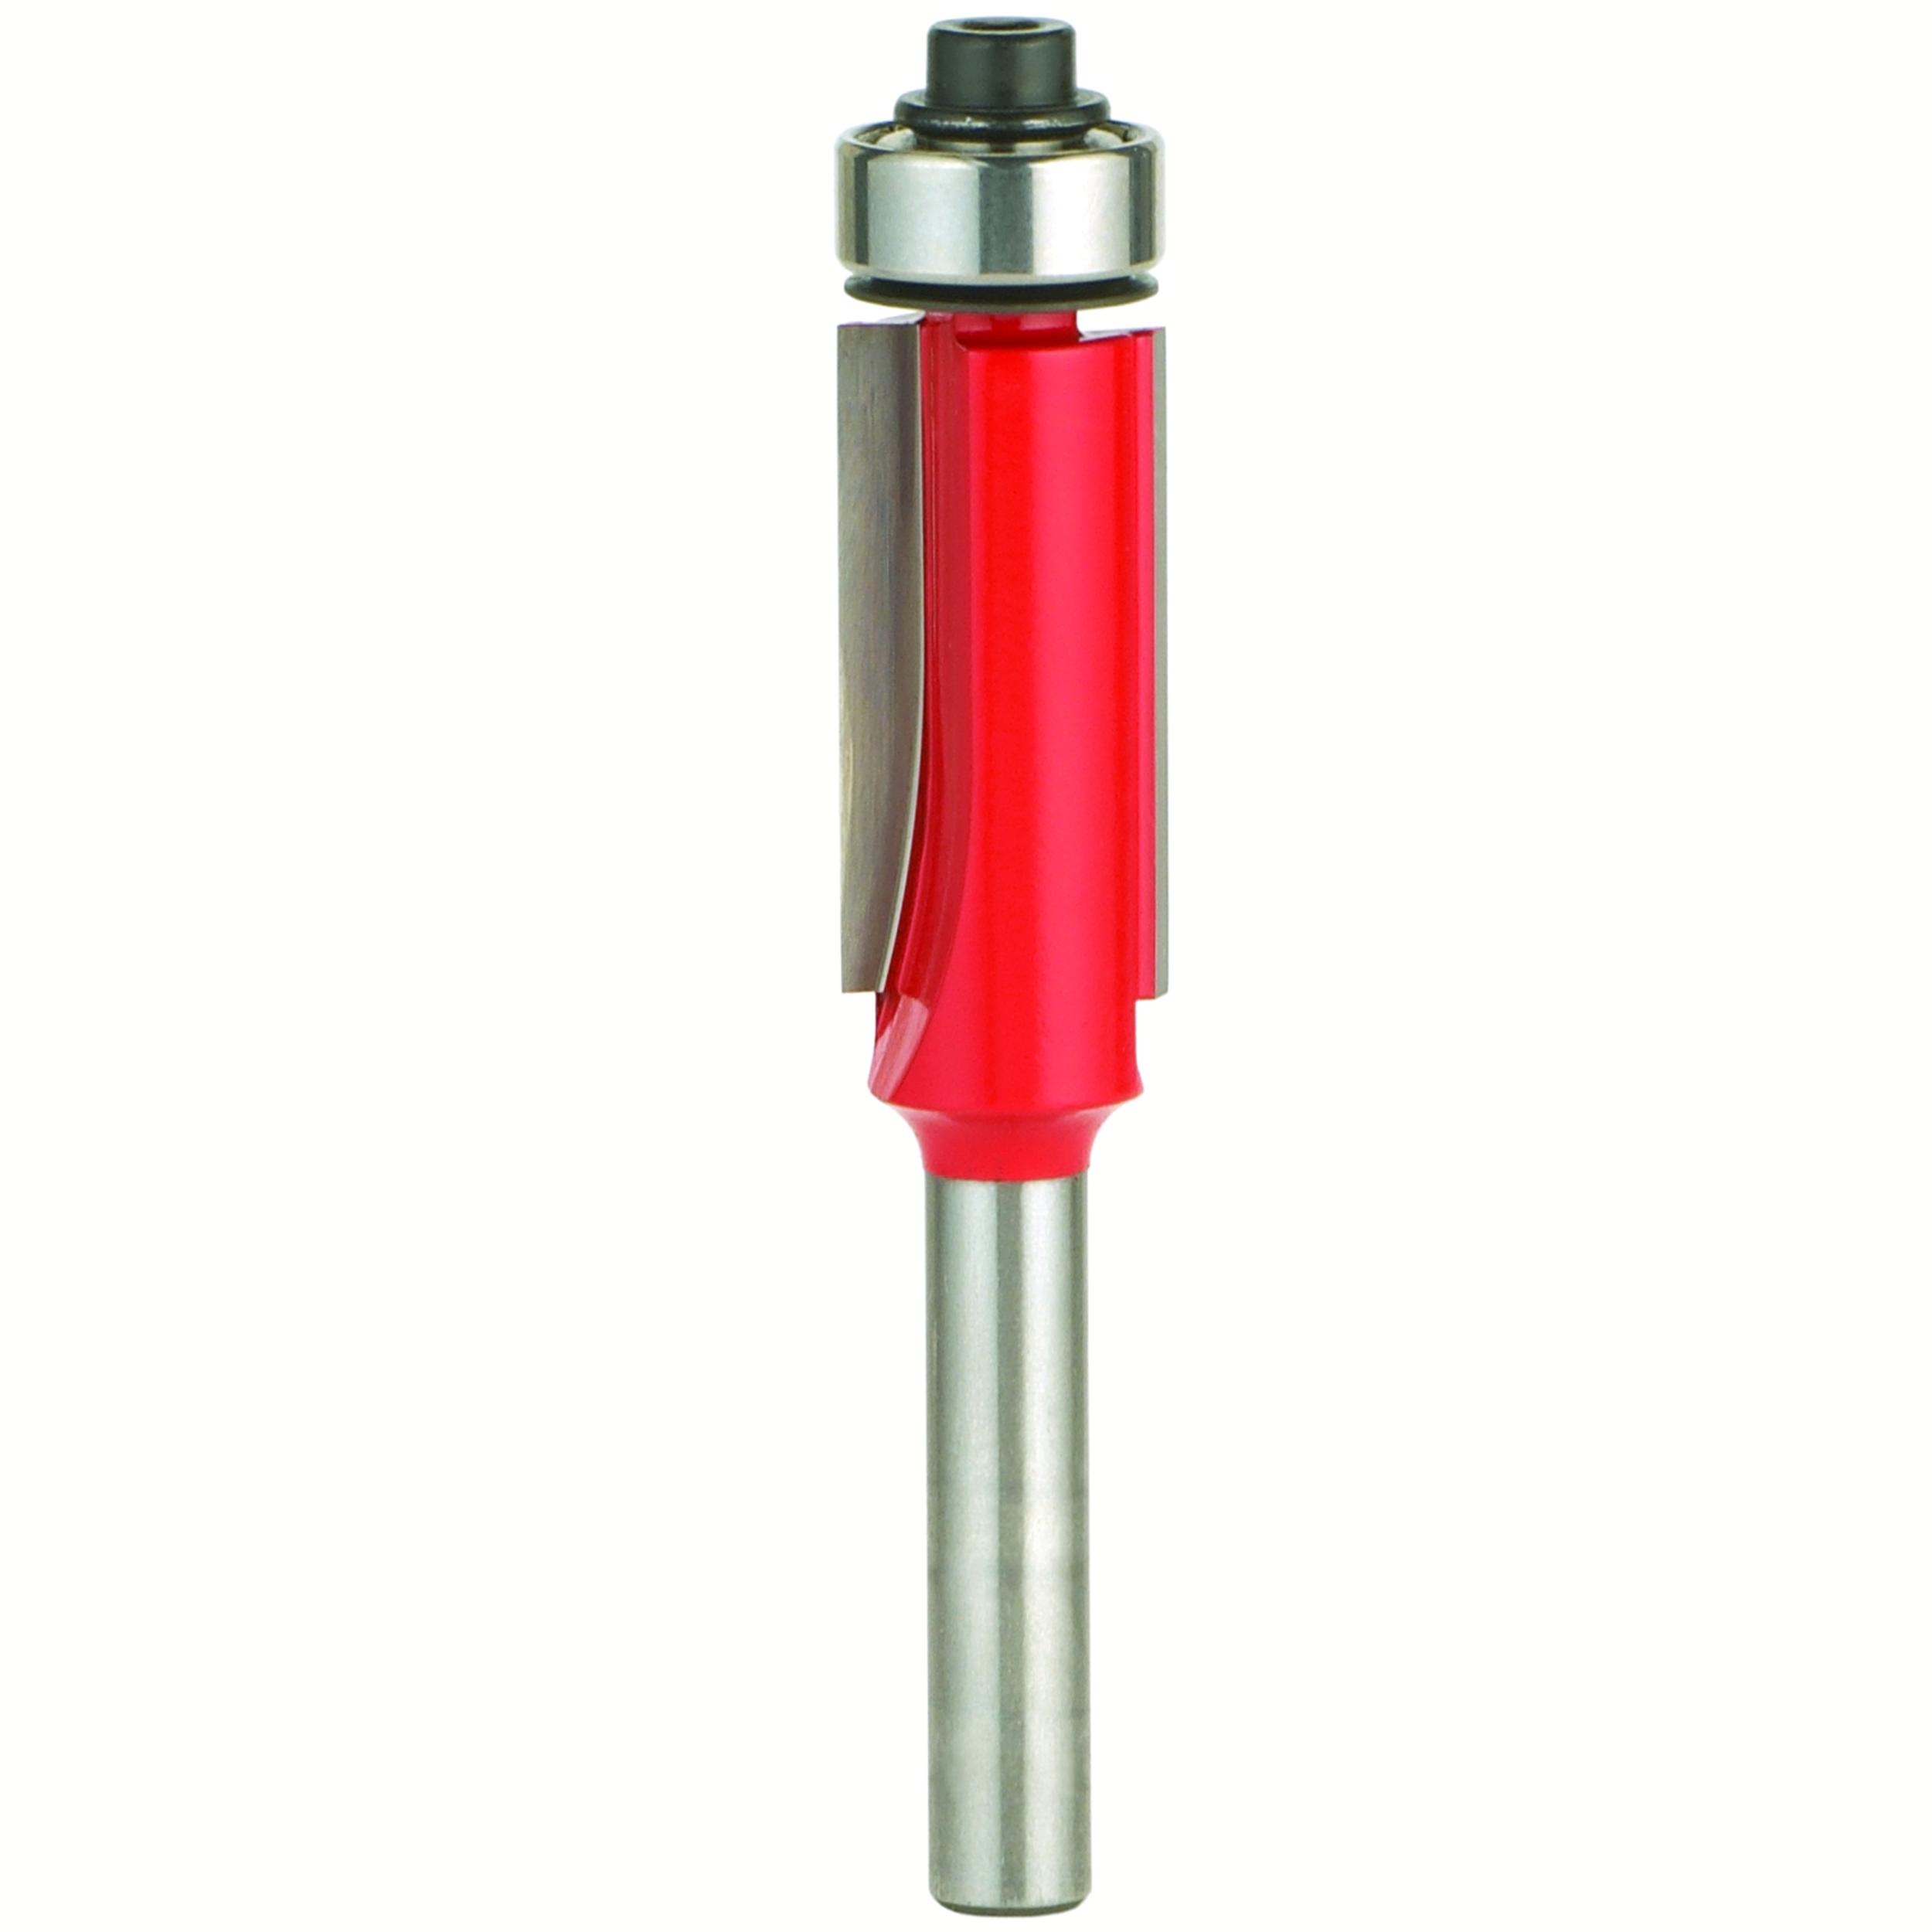 42-114 Flush Trim Router Bit 1/2